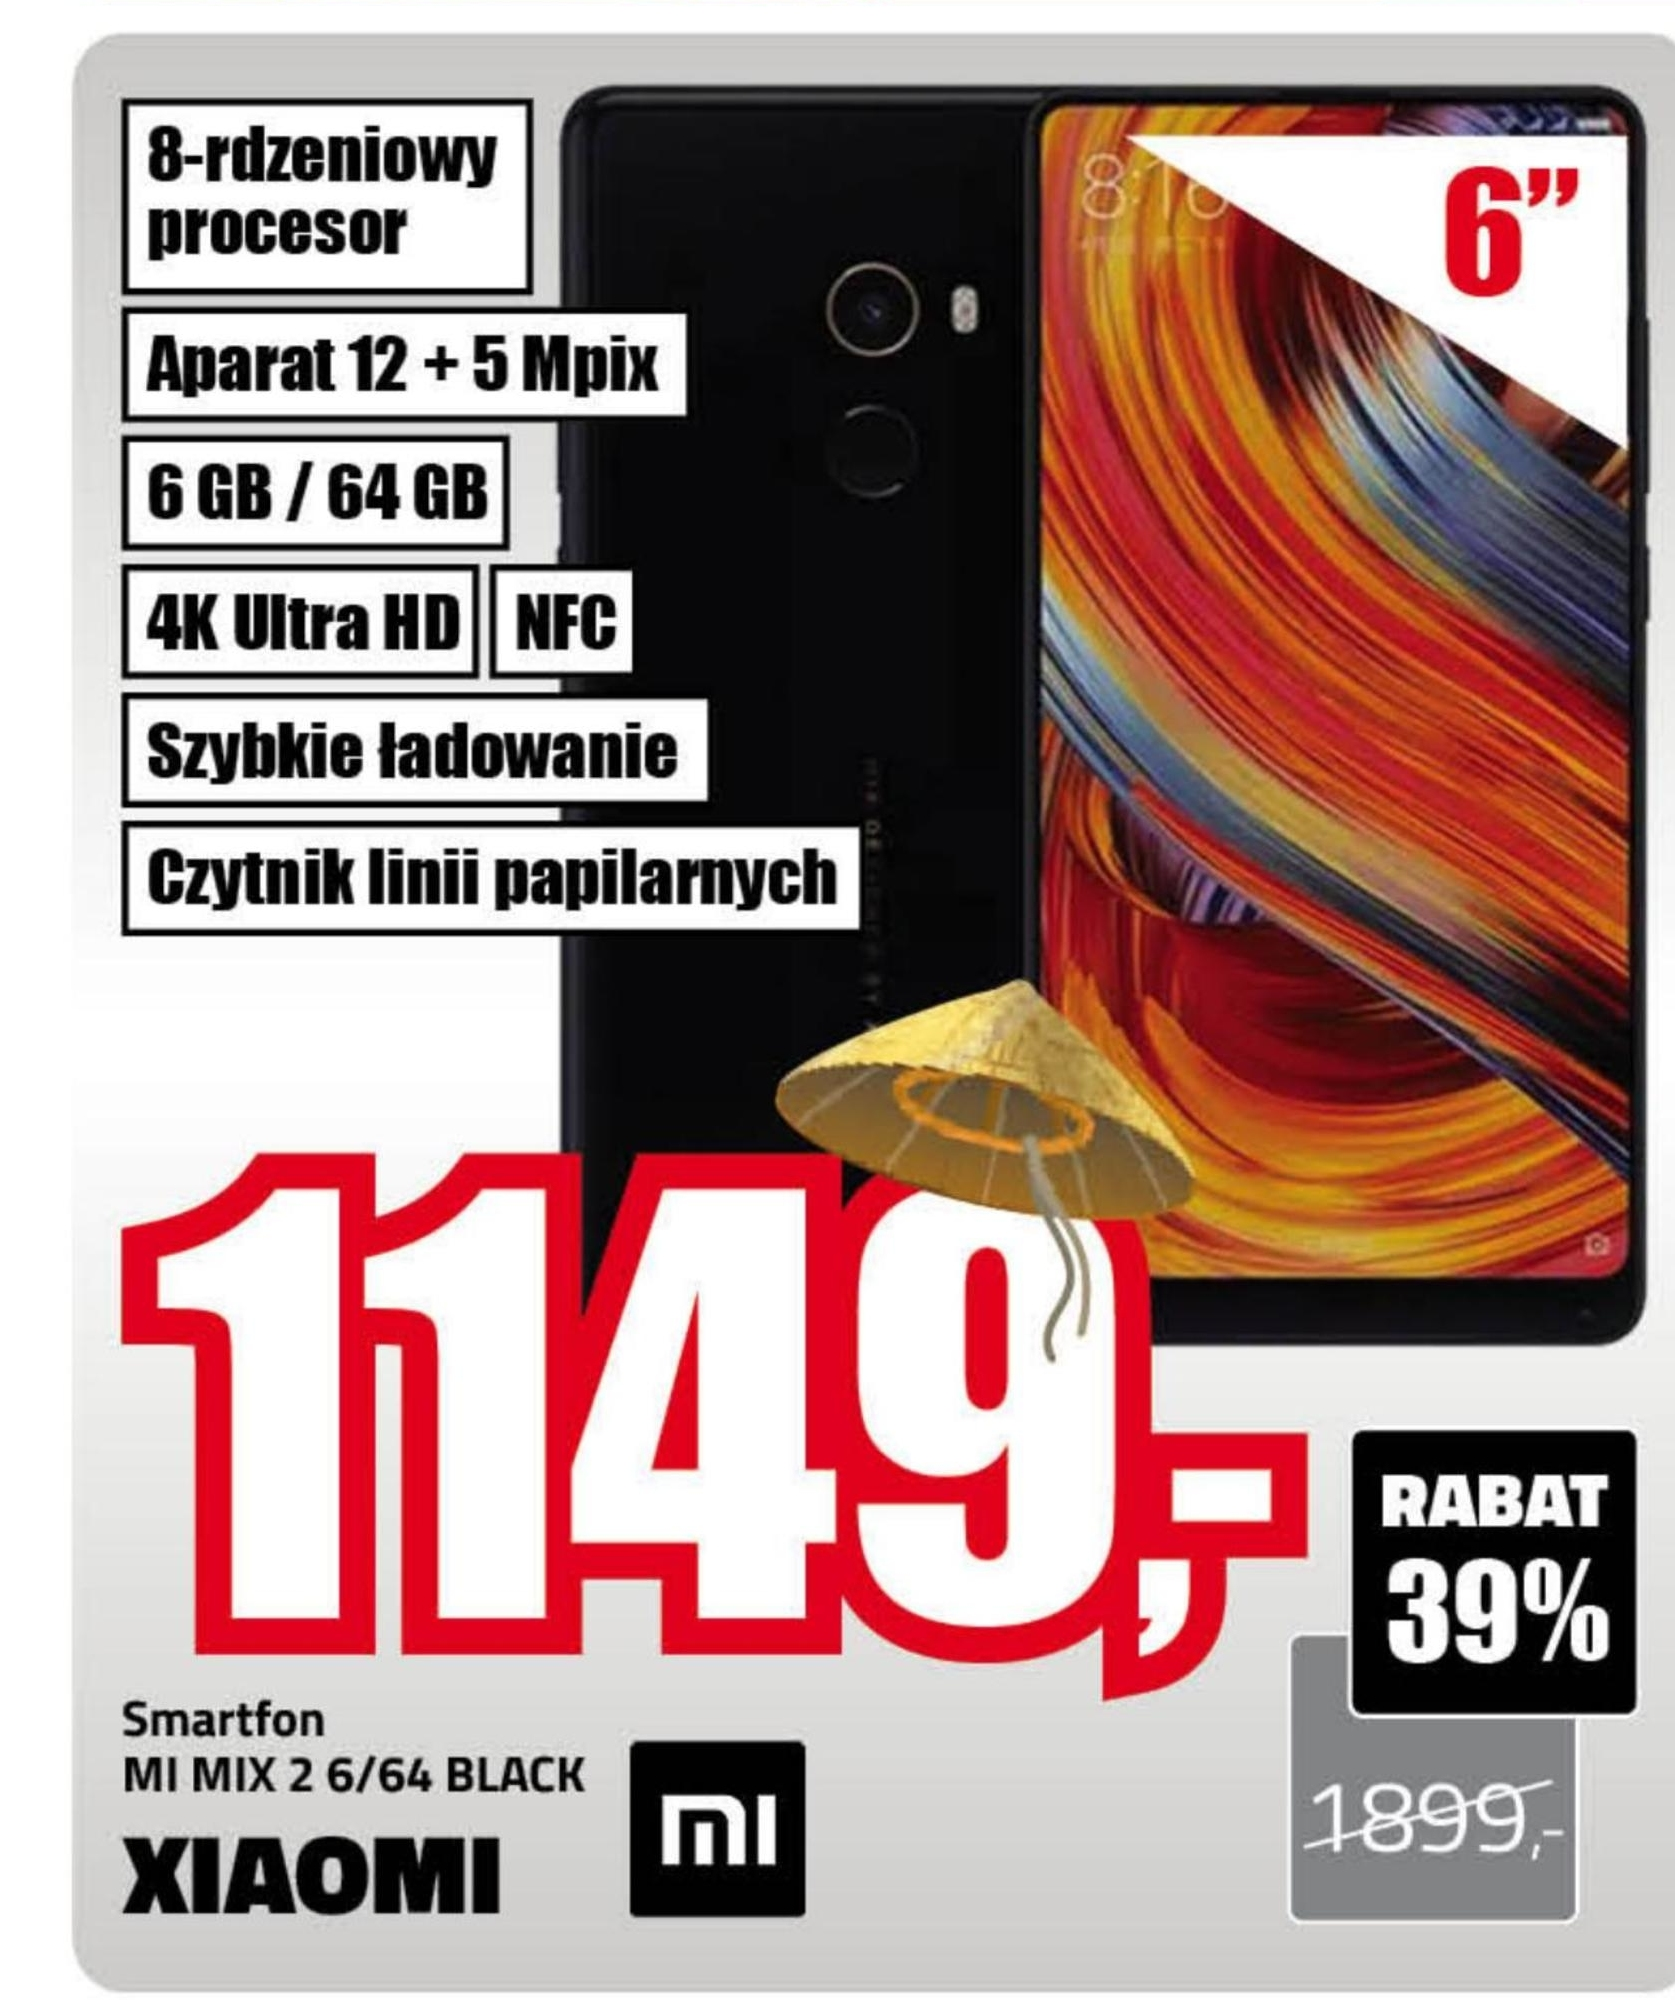 Smartfon MI MIX 2 Xiaomi niska cena